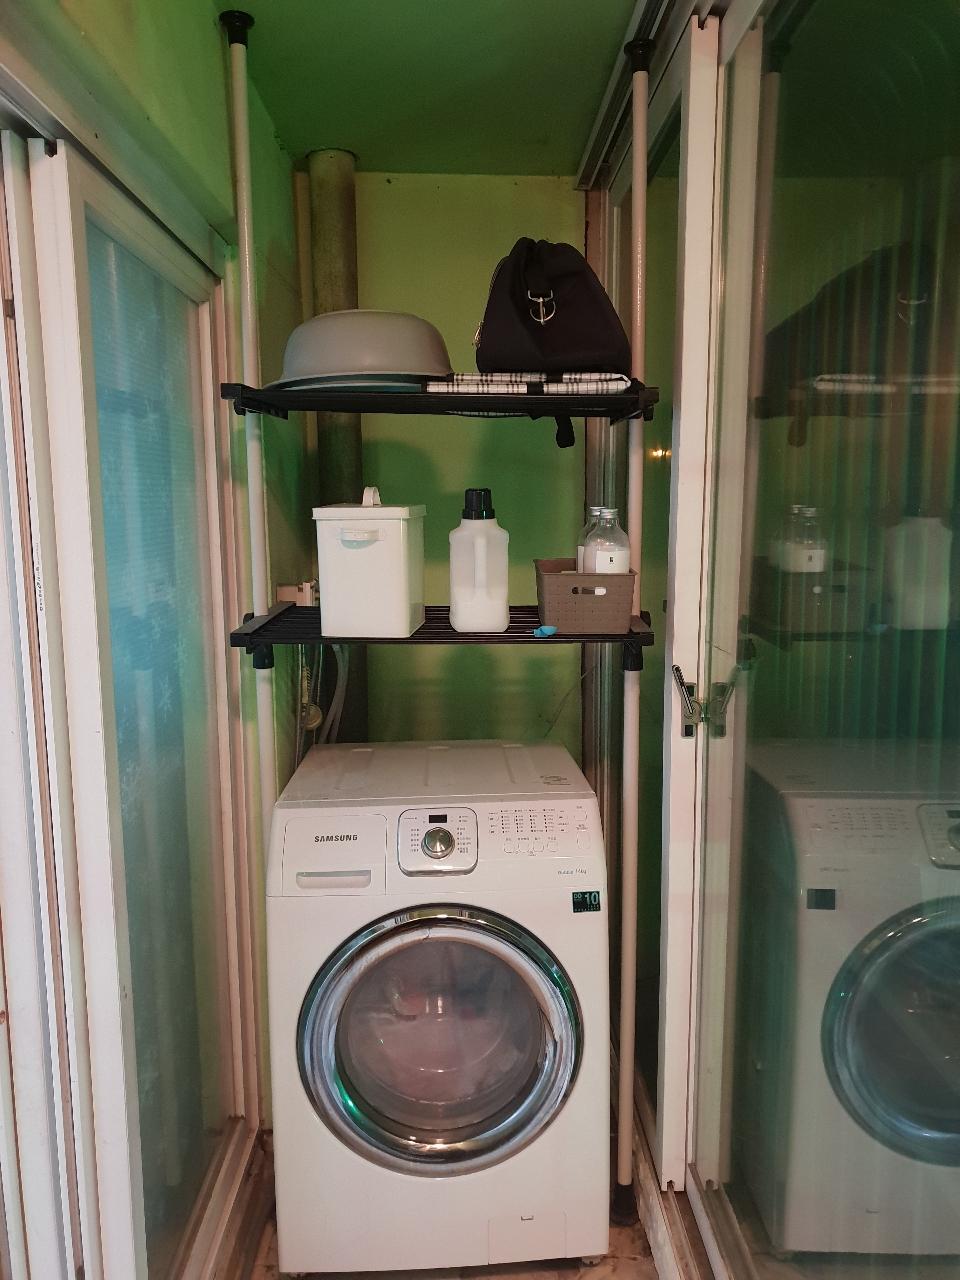 왕자헹거 세탁기 2단선반